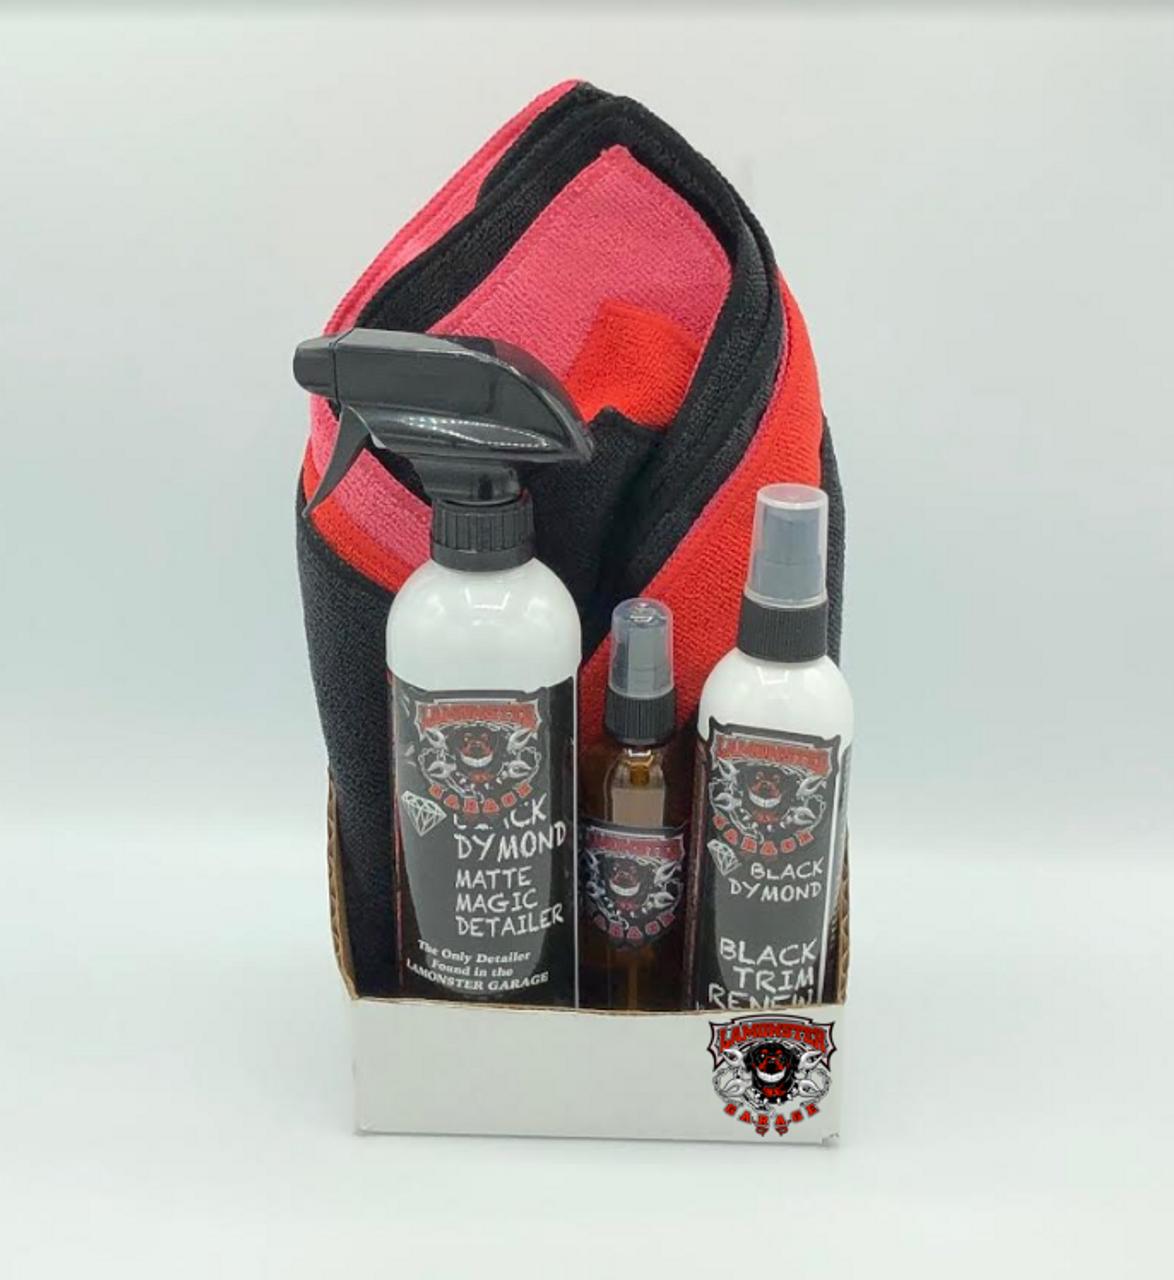 Lamonster Black Dymond Matte Magic Detailer Gift Pack (Non Aerosol) (LG-5008)